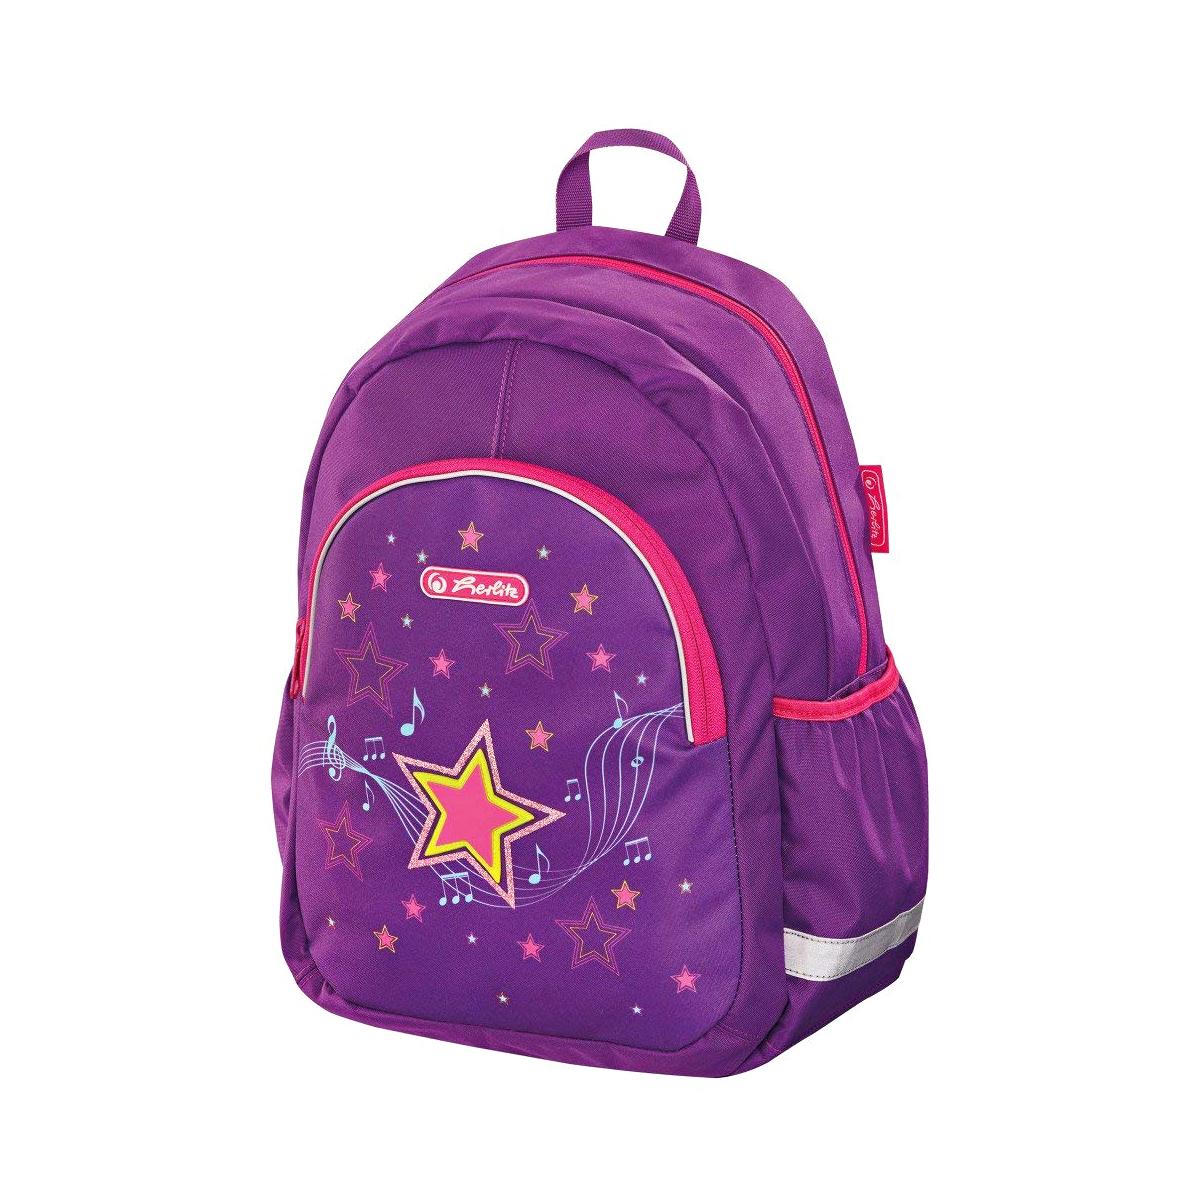 Rucsac Pentru Şcoala Primară, Melody, Herlitz, 50014712